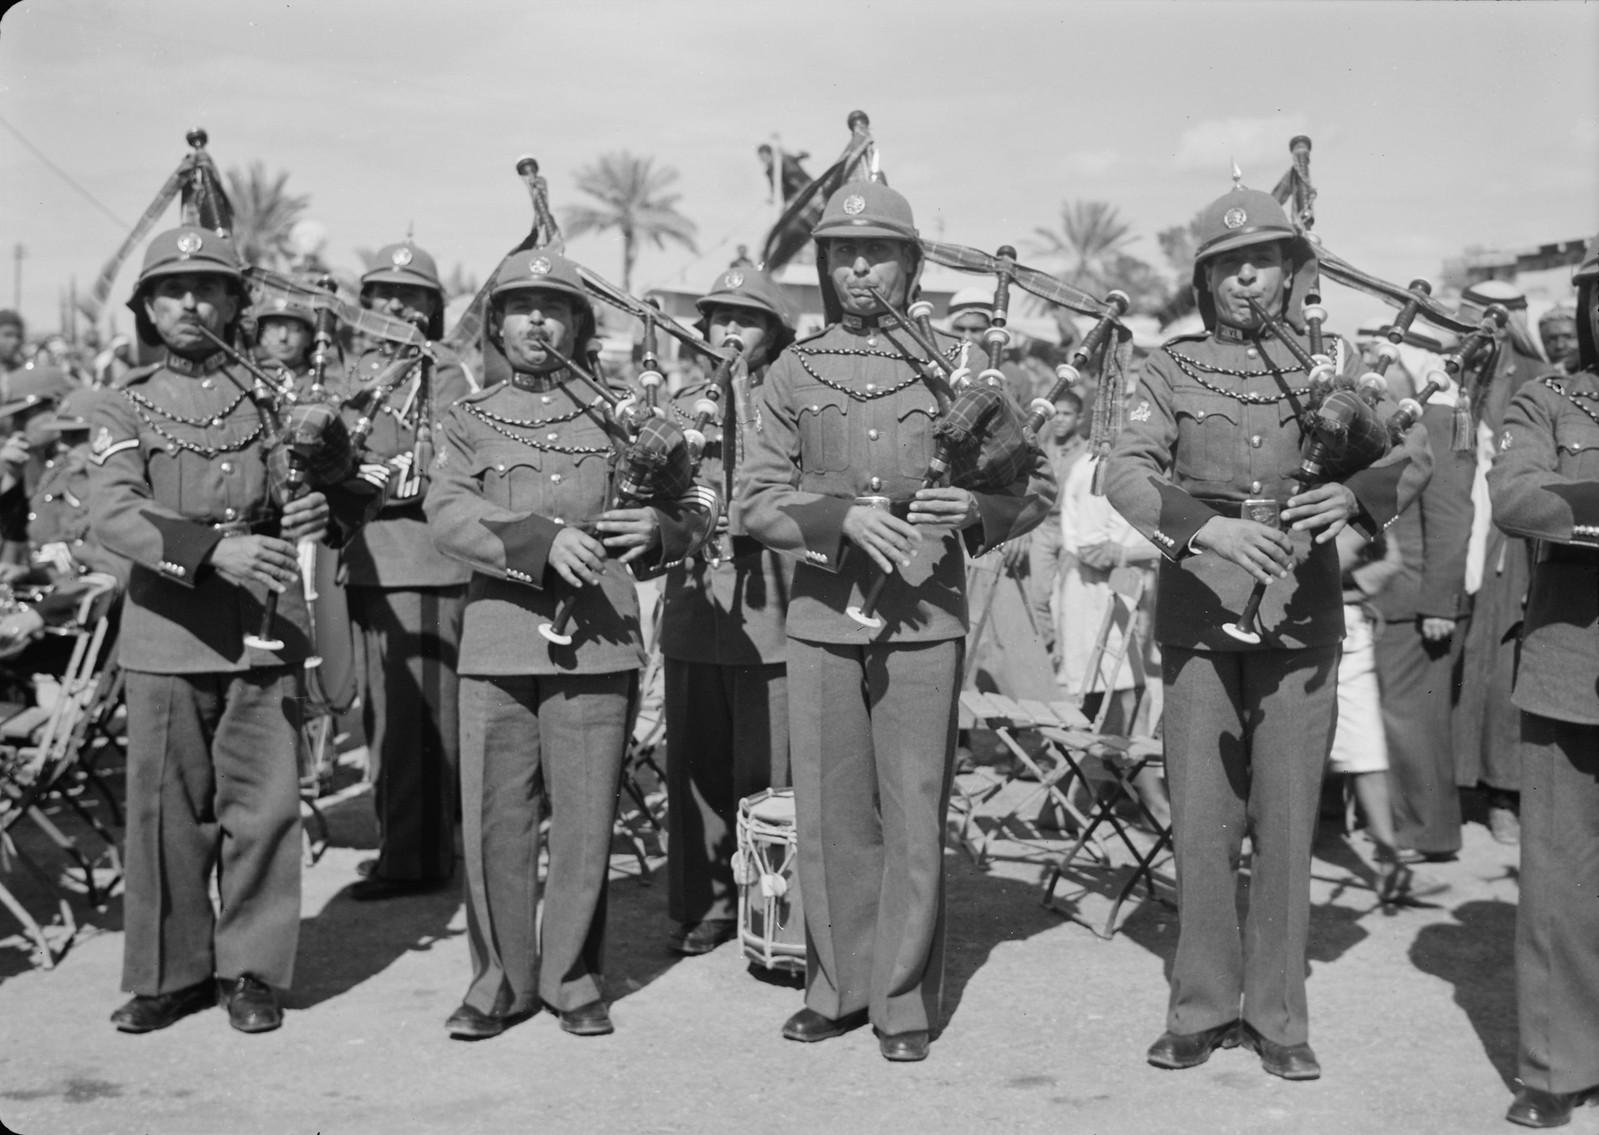 11. Оркестр Арабского легиона играет на шотландской волынке